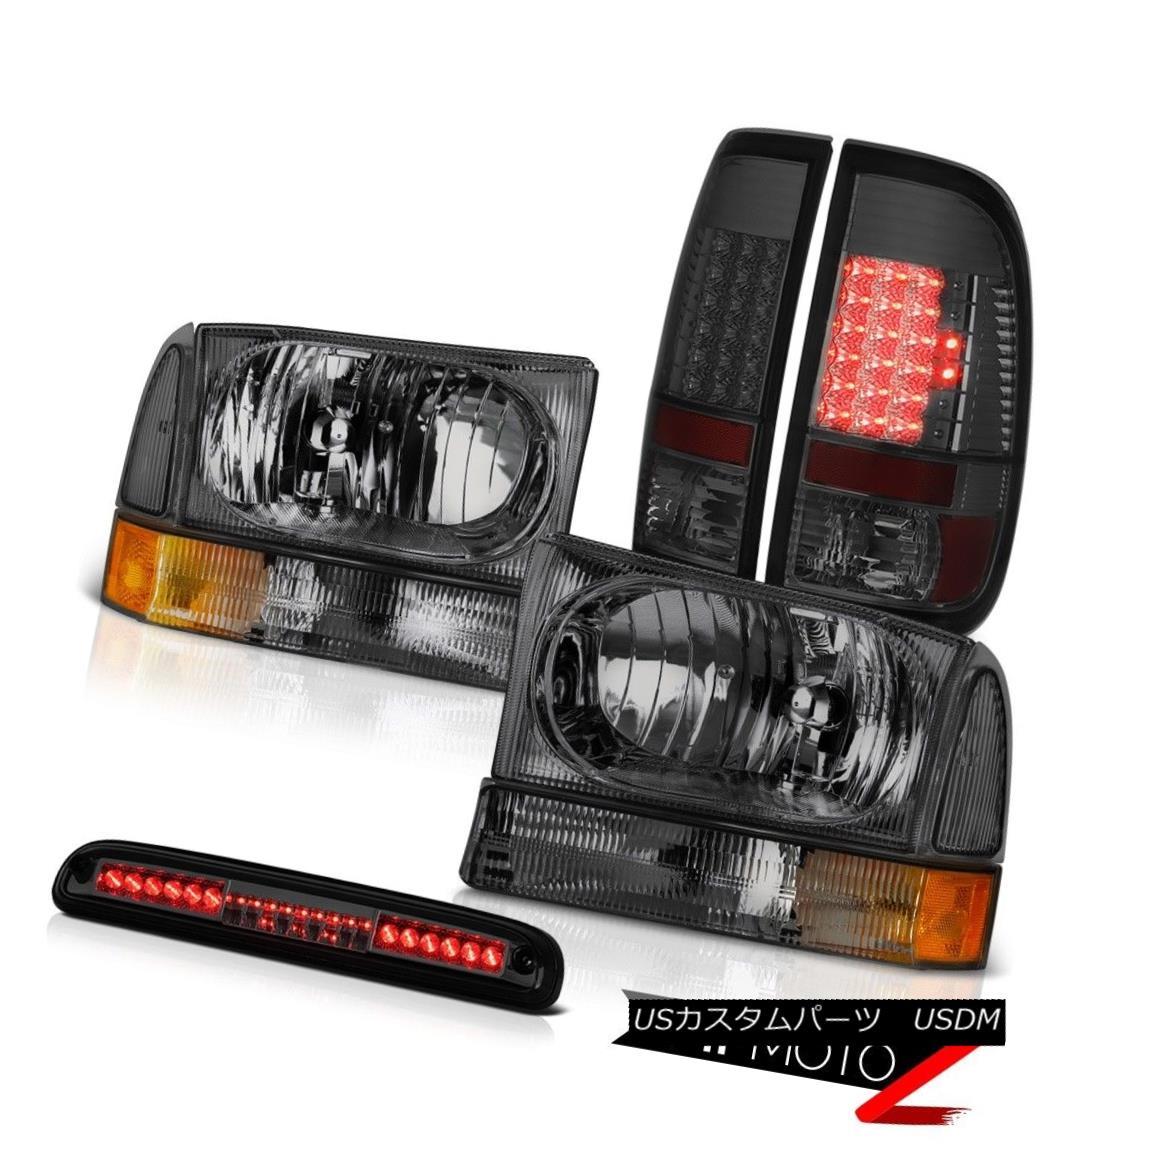 テールライト 99 00 01 02 03 04 F250 XLT Dark Headlight LED Bulbs Taillight High Brake Cargo 99 00 01 02 03 04 F250 XLTダークヘッドライトLEDバルブテールライトハイブレーキ貨物